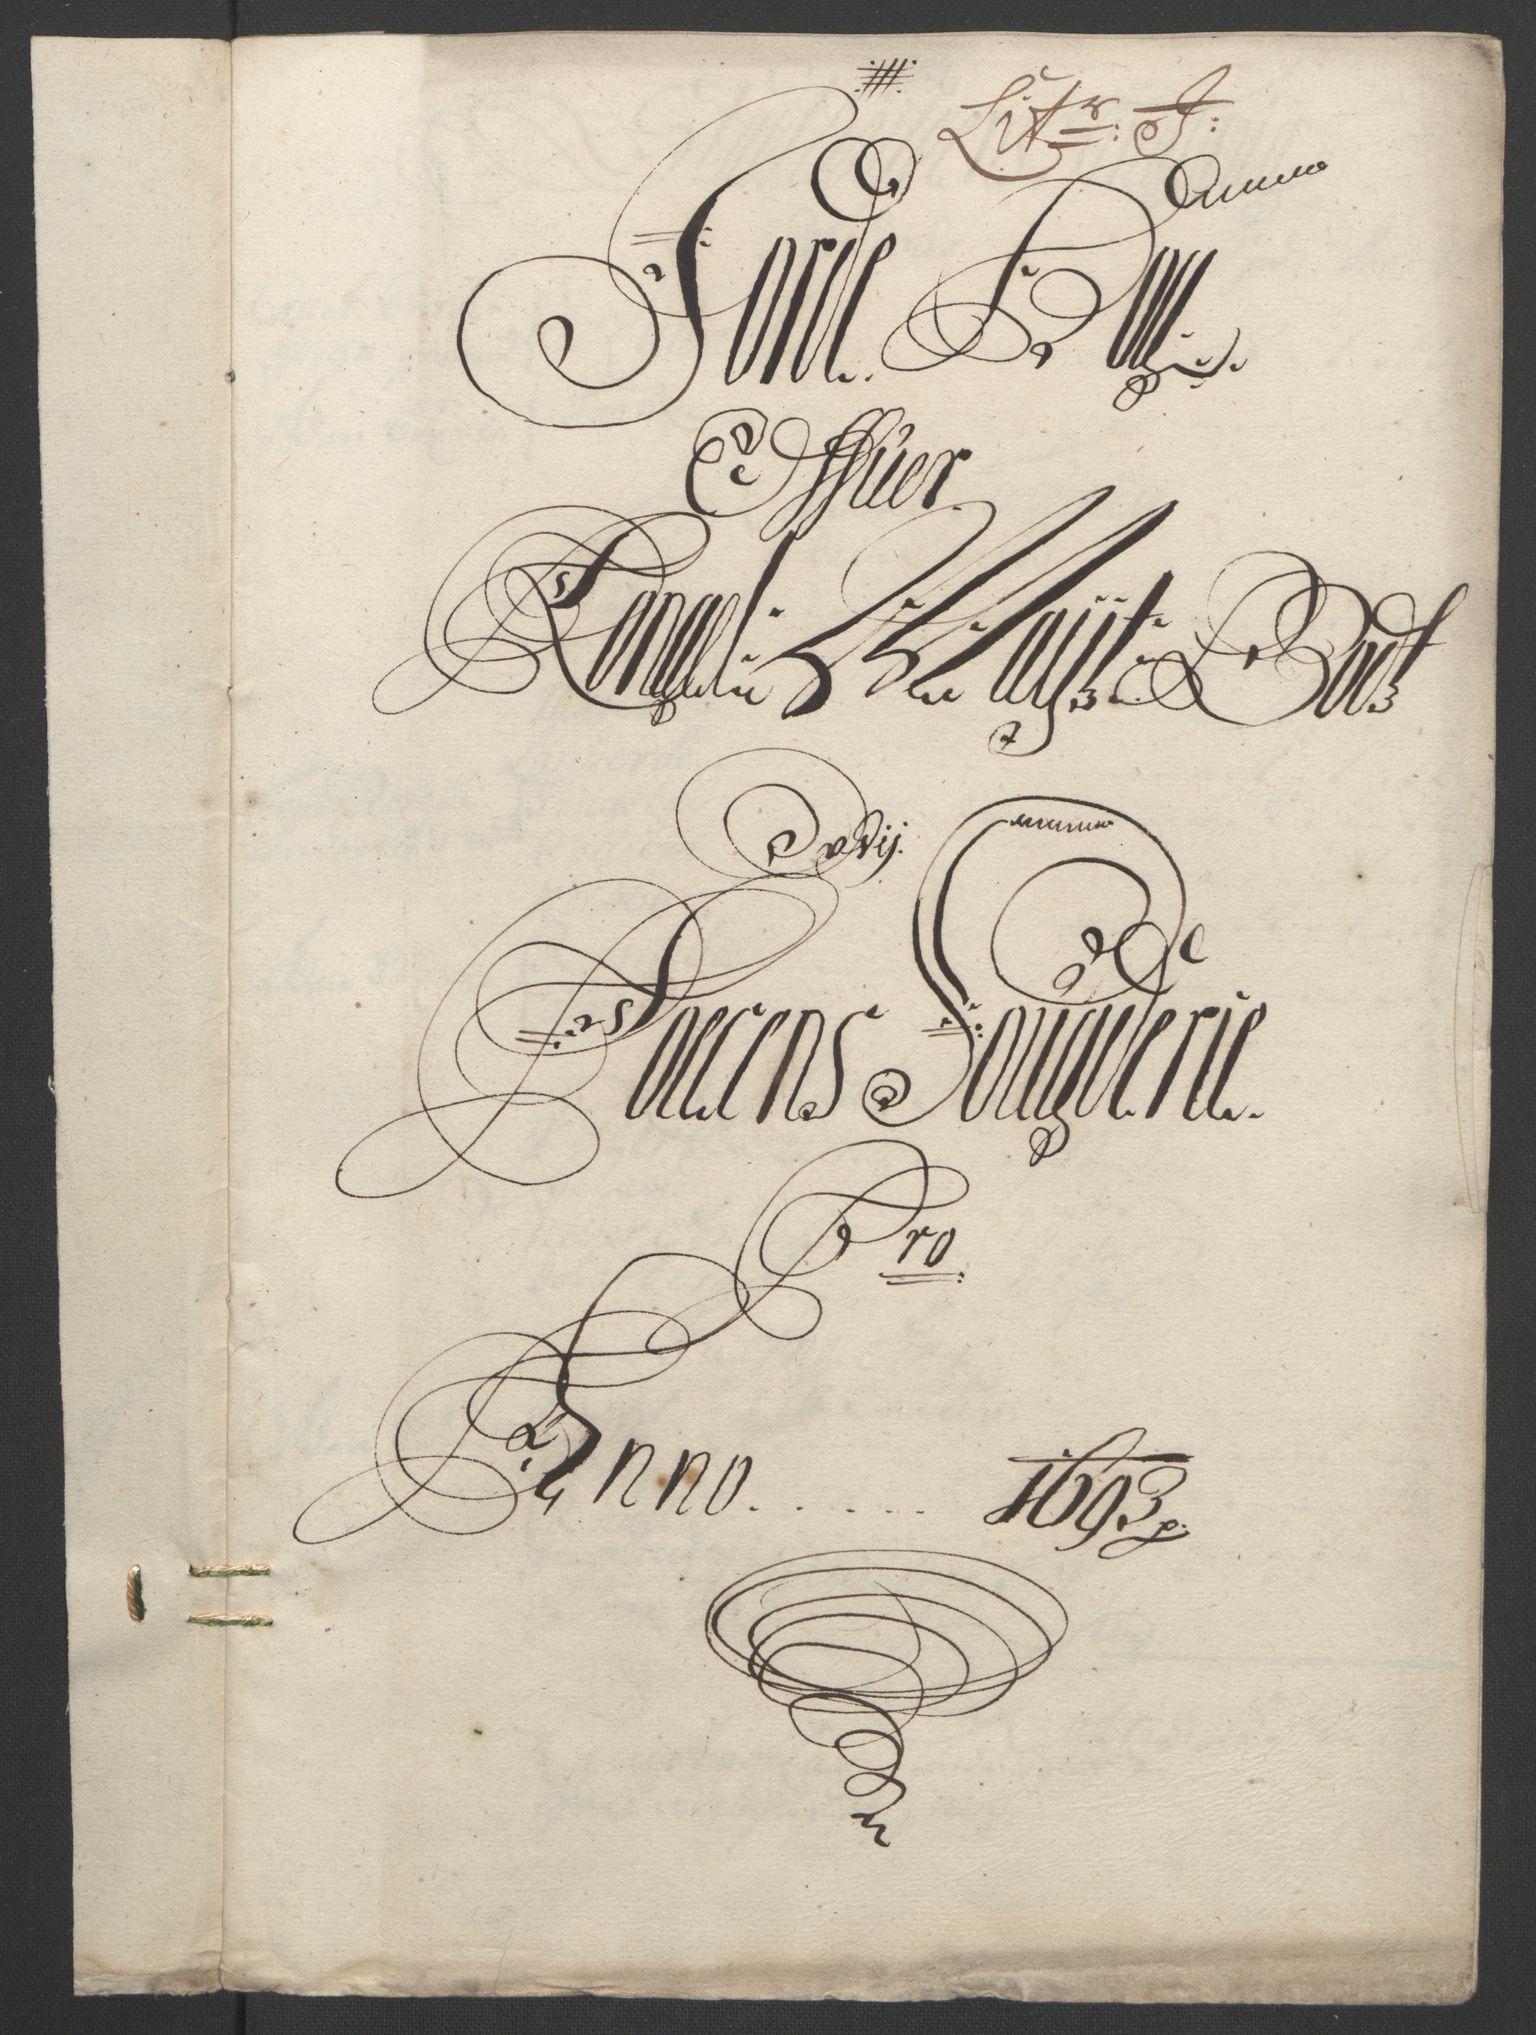 RA, Rentekammeret inntil 1814, Reviderte regnskaper, Fogderegnskap, R57/L3849: Fogderegnskap Fosen, 1692-1693, s. 527